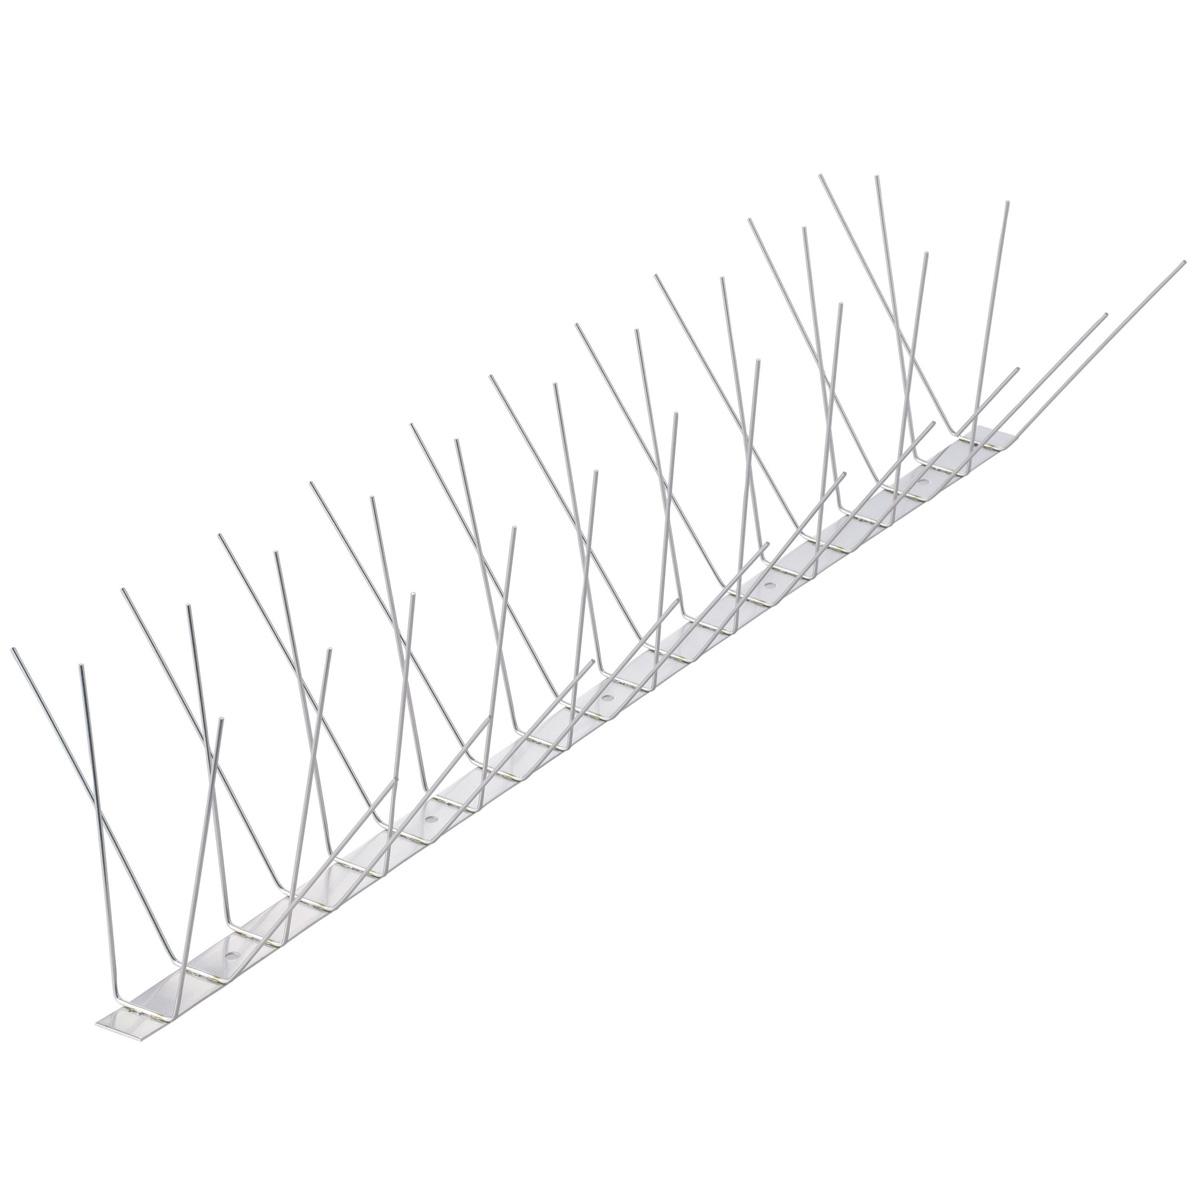 〈オールステンロング剣山〉L500×W150×H110 SUSピン:φ1.3 台座:W17.5